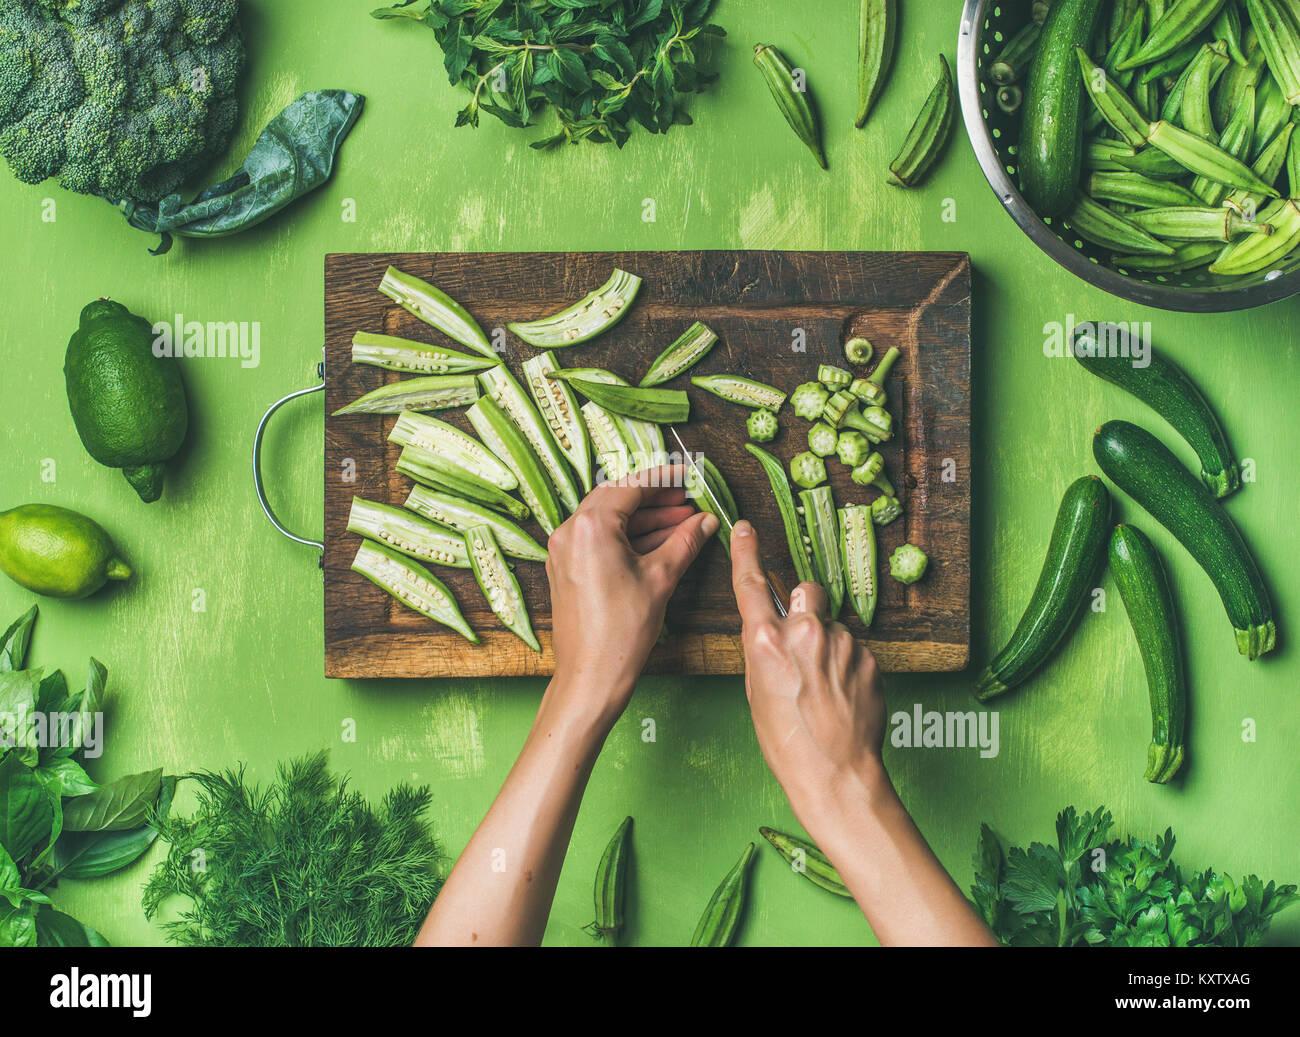 Télévision à jeter des ingrédients de Cuisine vegan vert sain Photo Stock